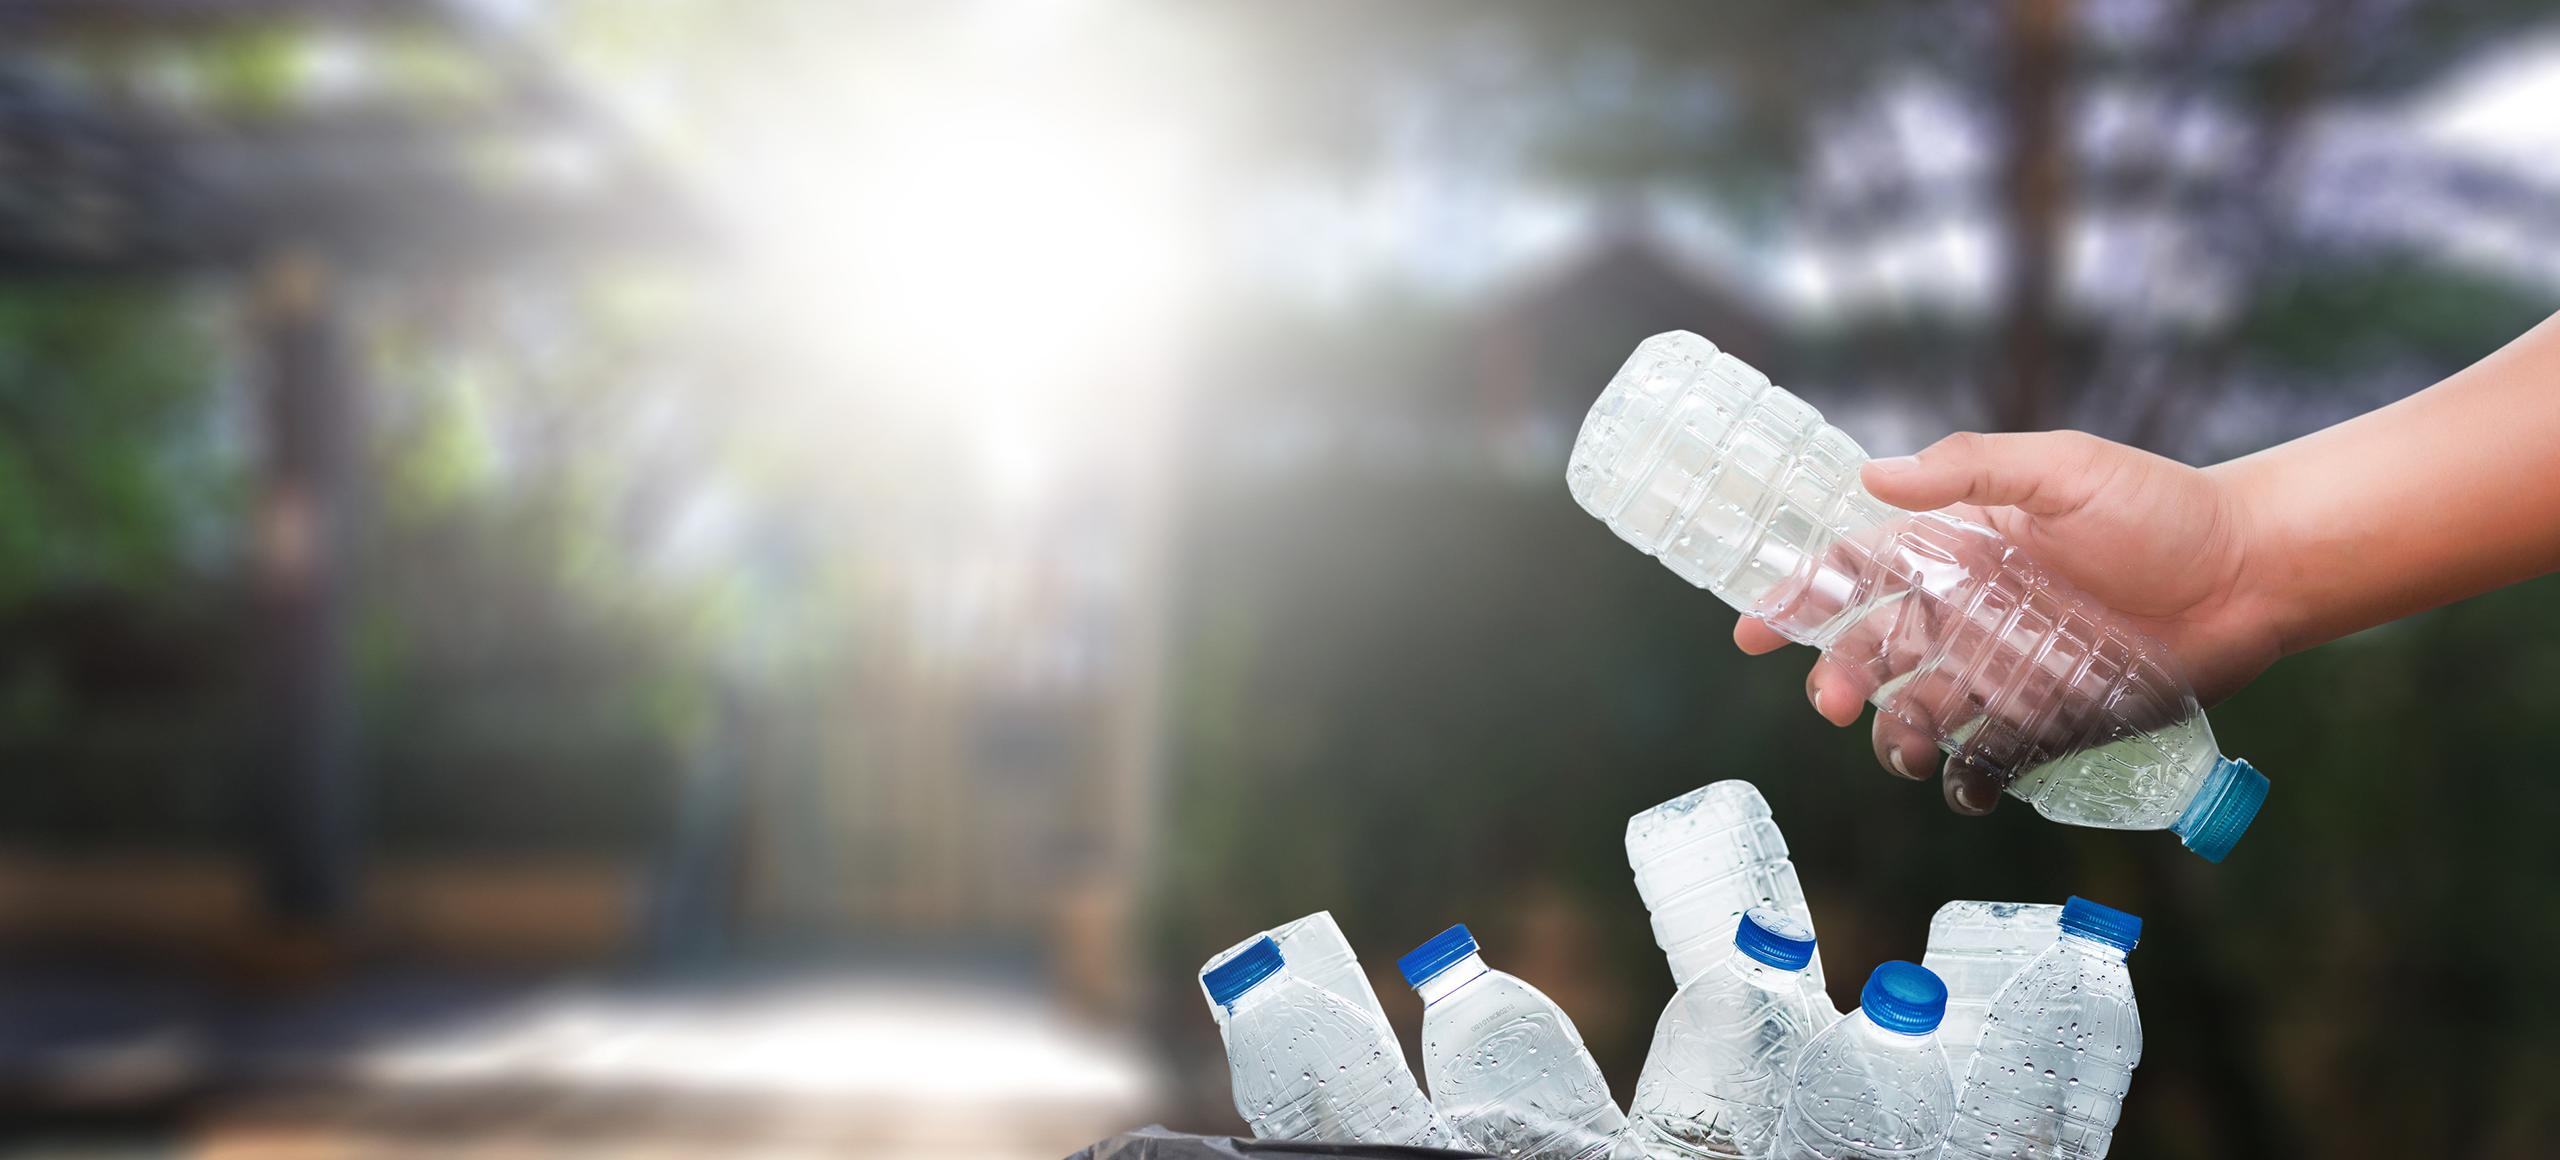 Déchets de bouteilles en plastique